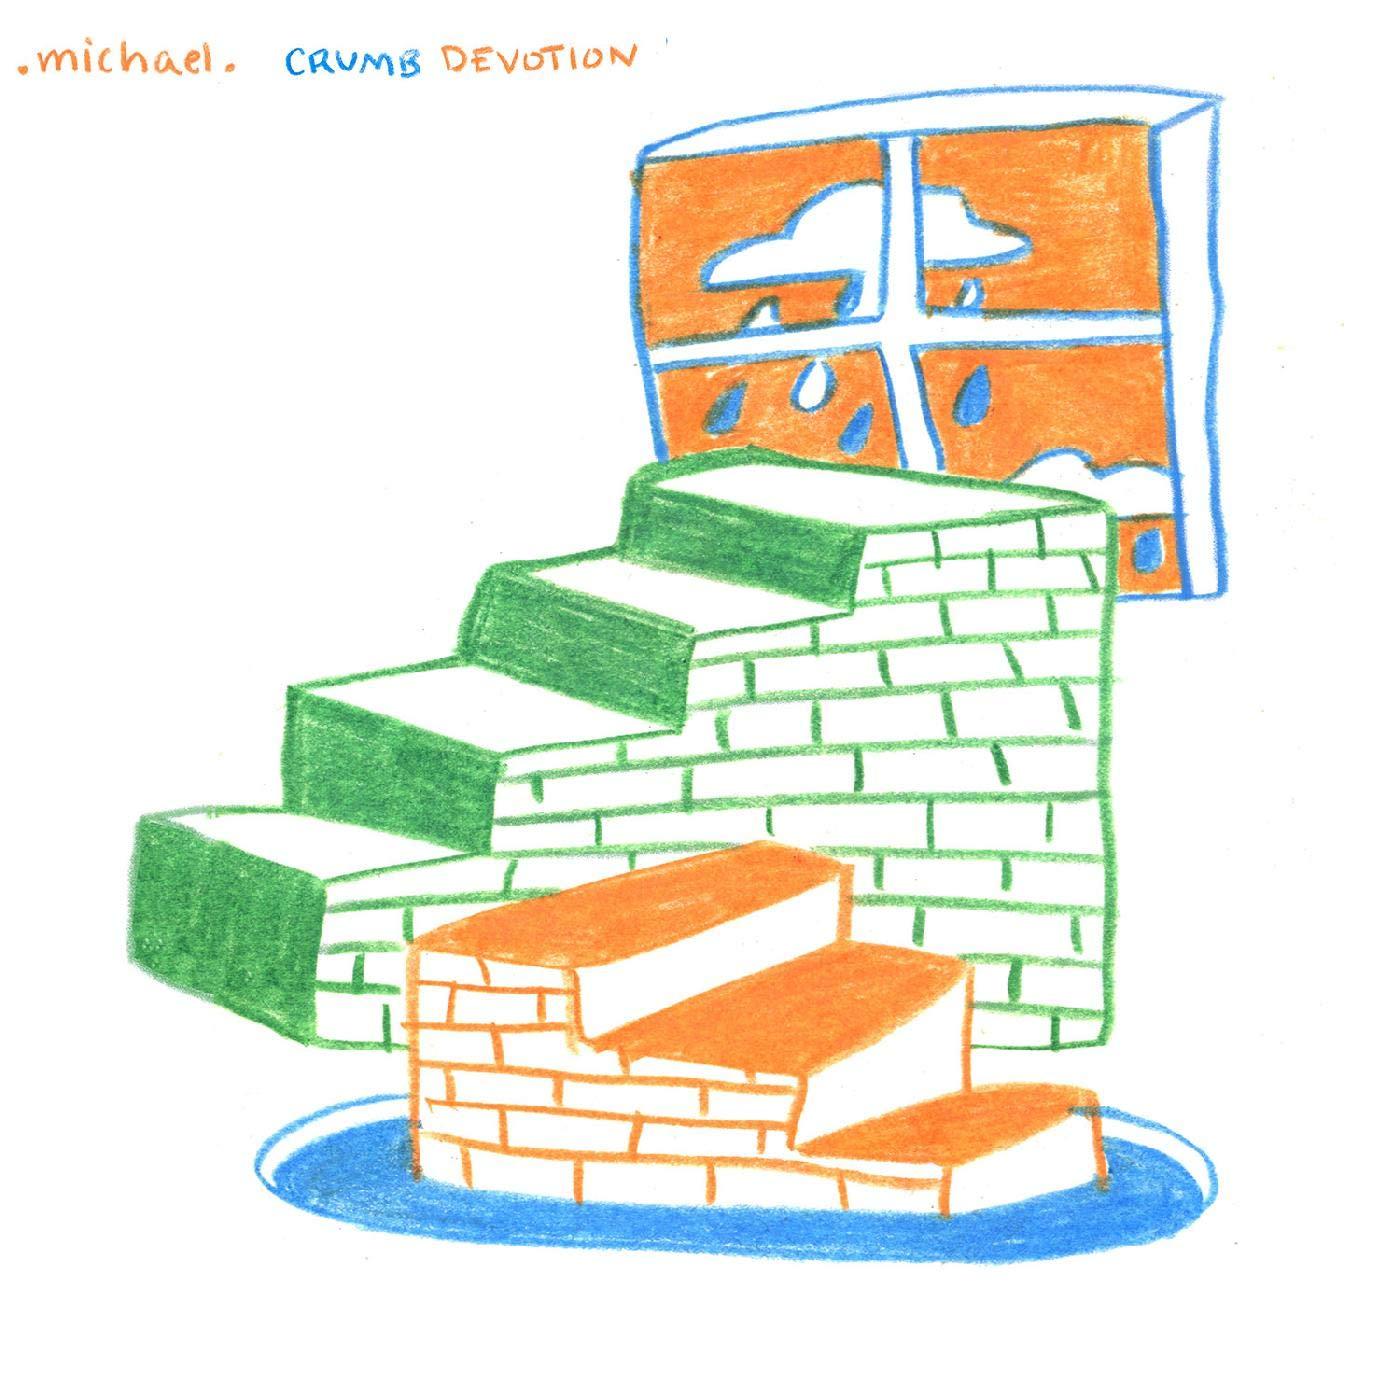 Cassette : .Michael. - Crumb Devotion (Cassette)